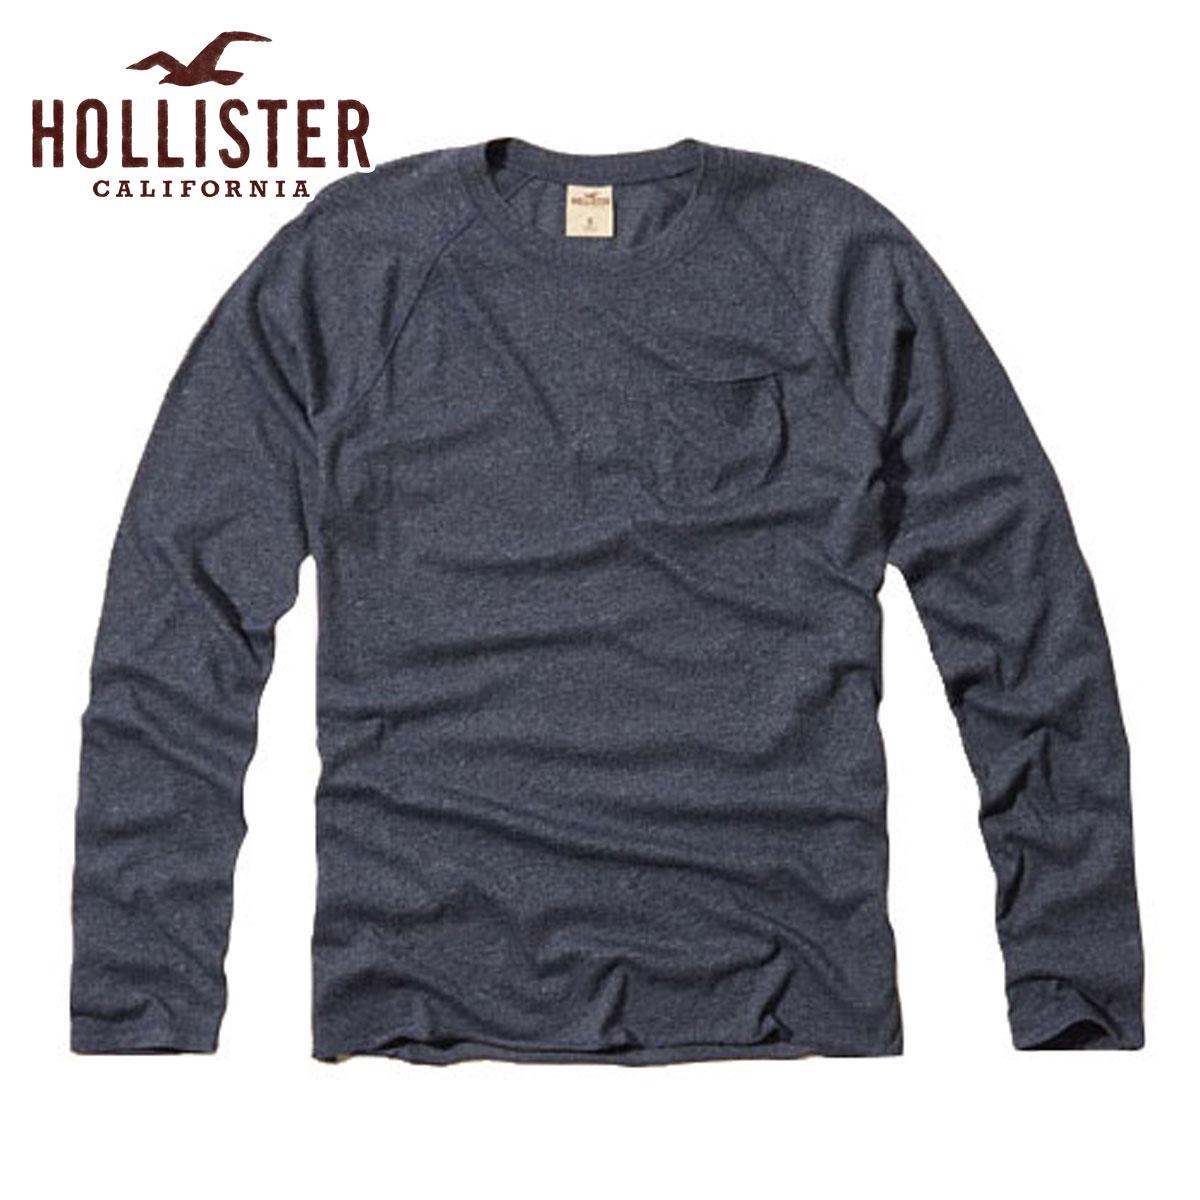 【販売期間 6/21 16:00〜7/2 9:59】 ホリスター HOLLISTER 正規品 メンズ 長袖Tシャツ Fallbrook Pocket T-Shirt 324-369-0558-023